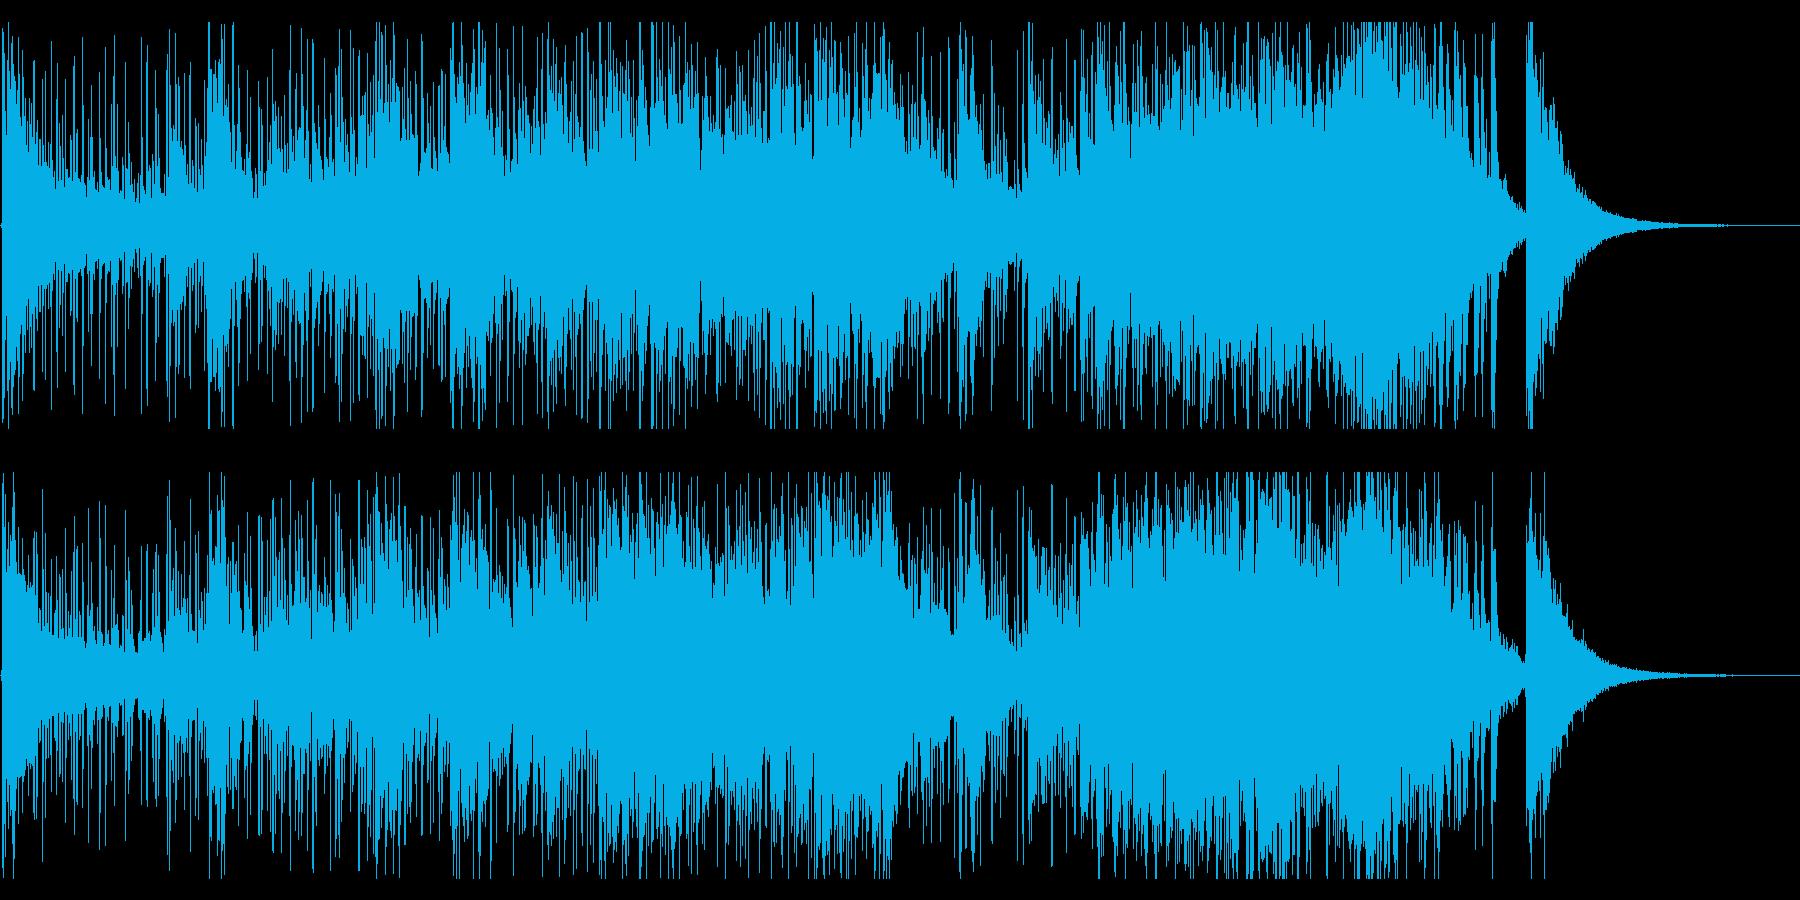 和太鼓やドラによる激しいリズムのみの音楽の再生済みの波形